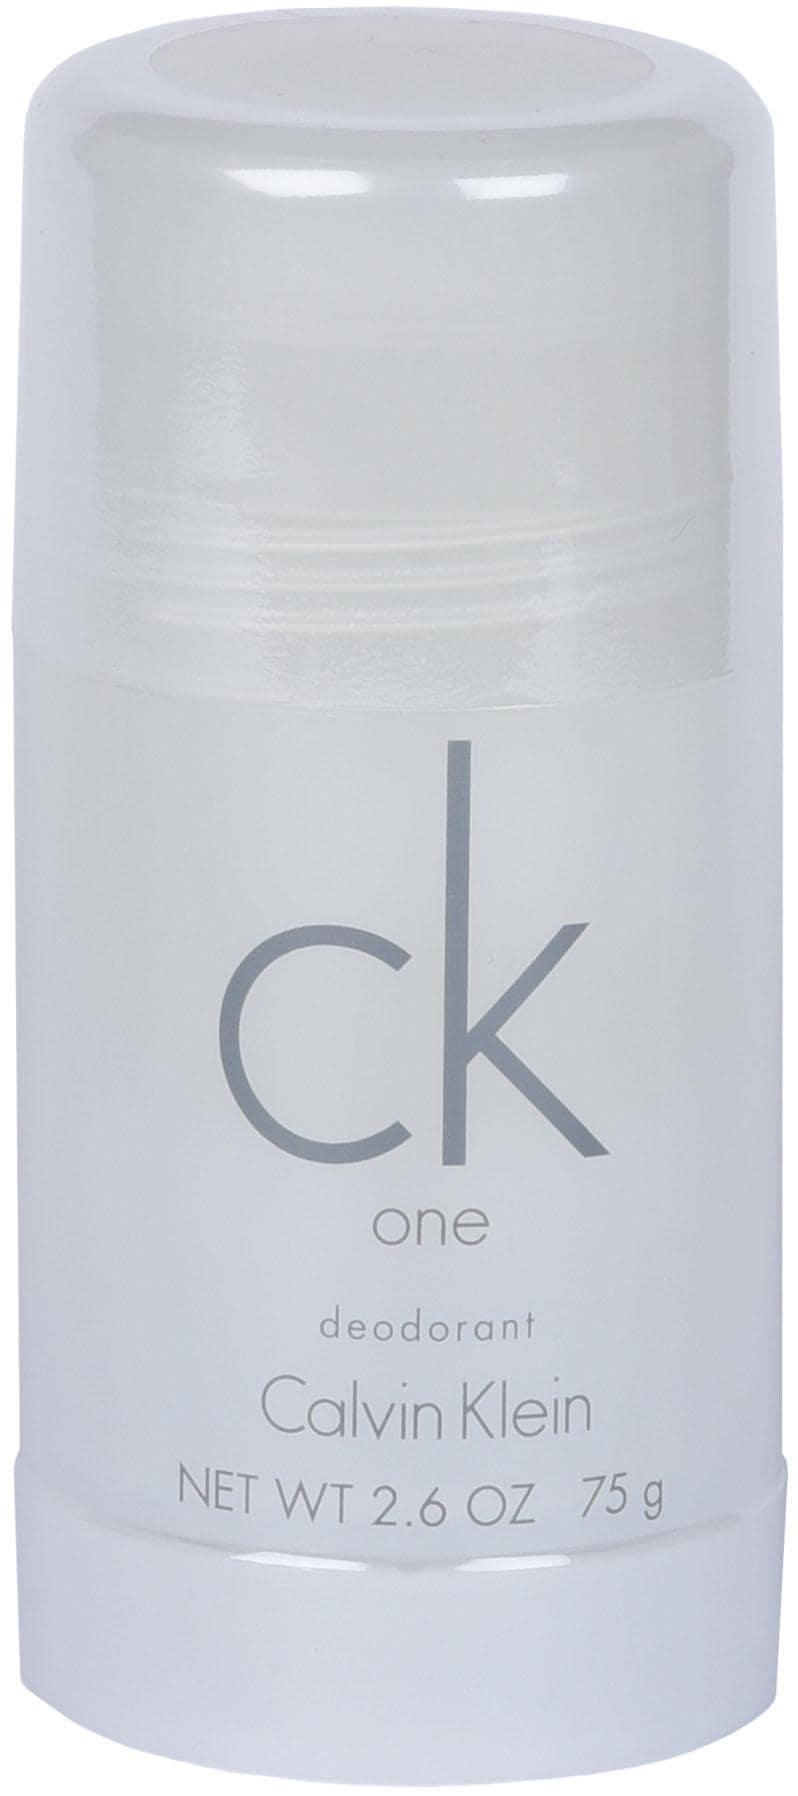 calvin klein -  Deo-Stift cK one